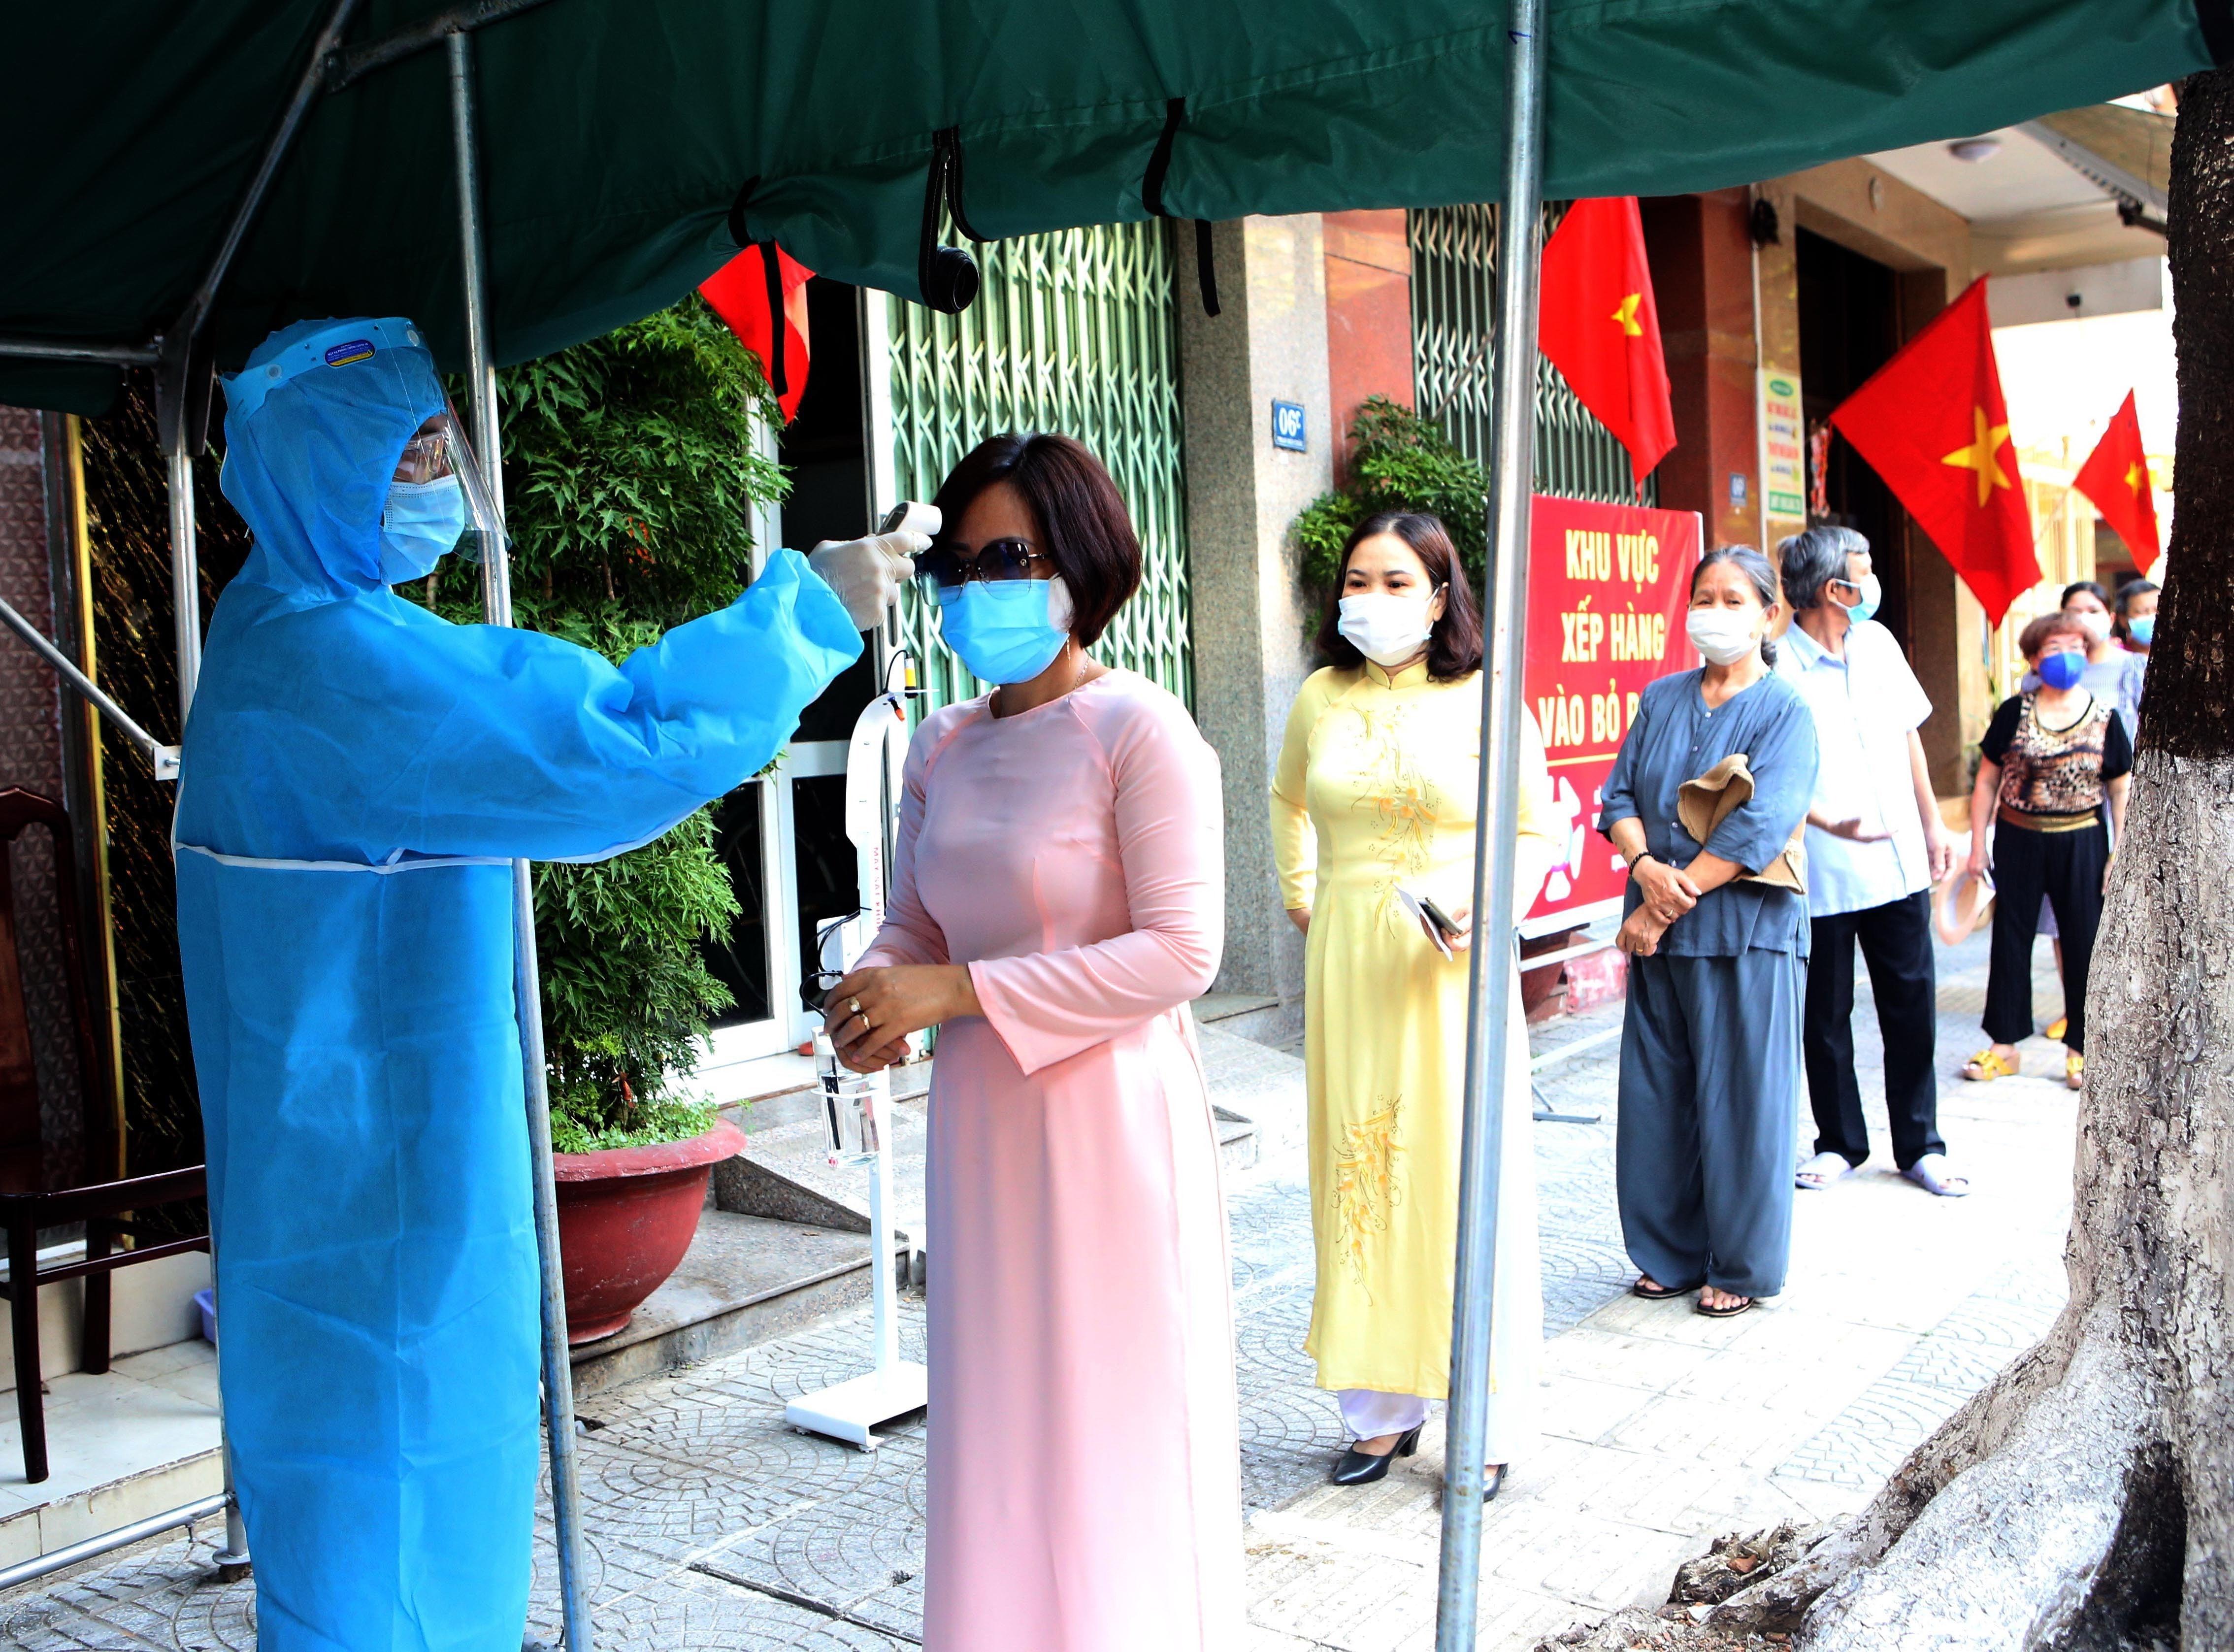 Cu tri Quang Nam, Da Nang tuan thu nghiem viec phong dich khi bau cu hinh anh 1